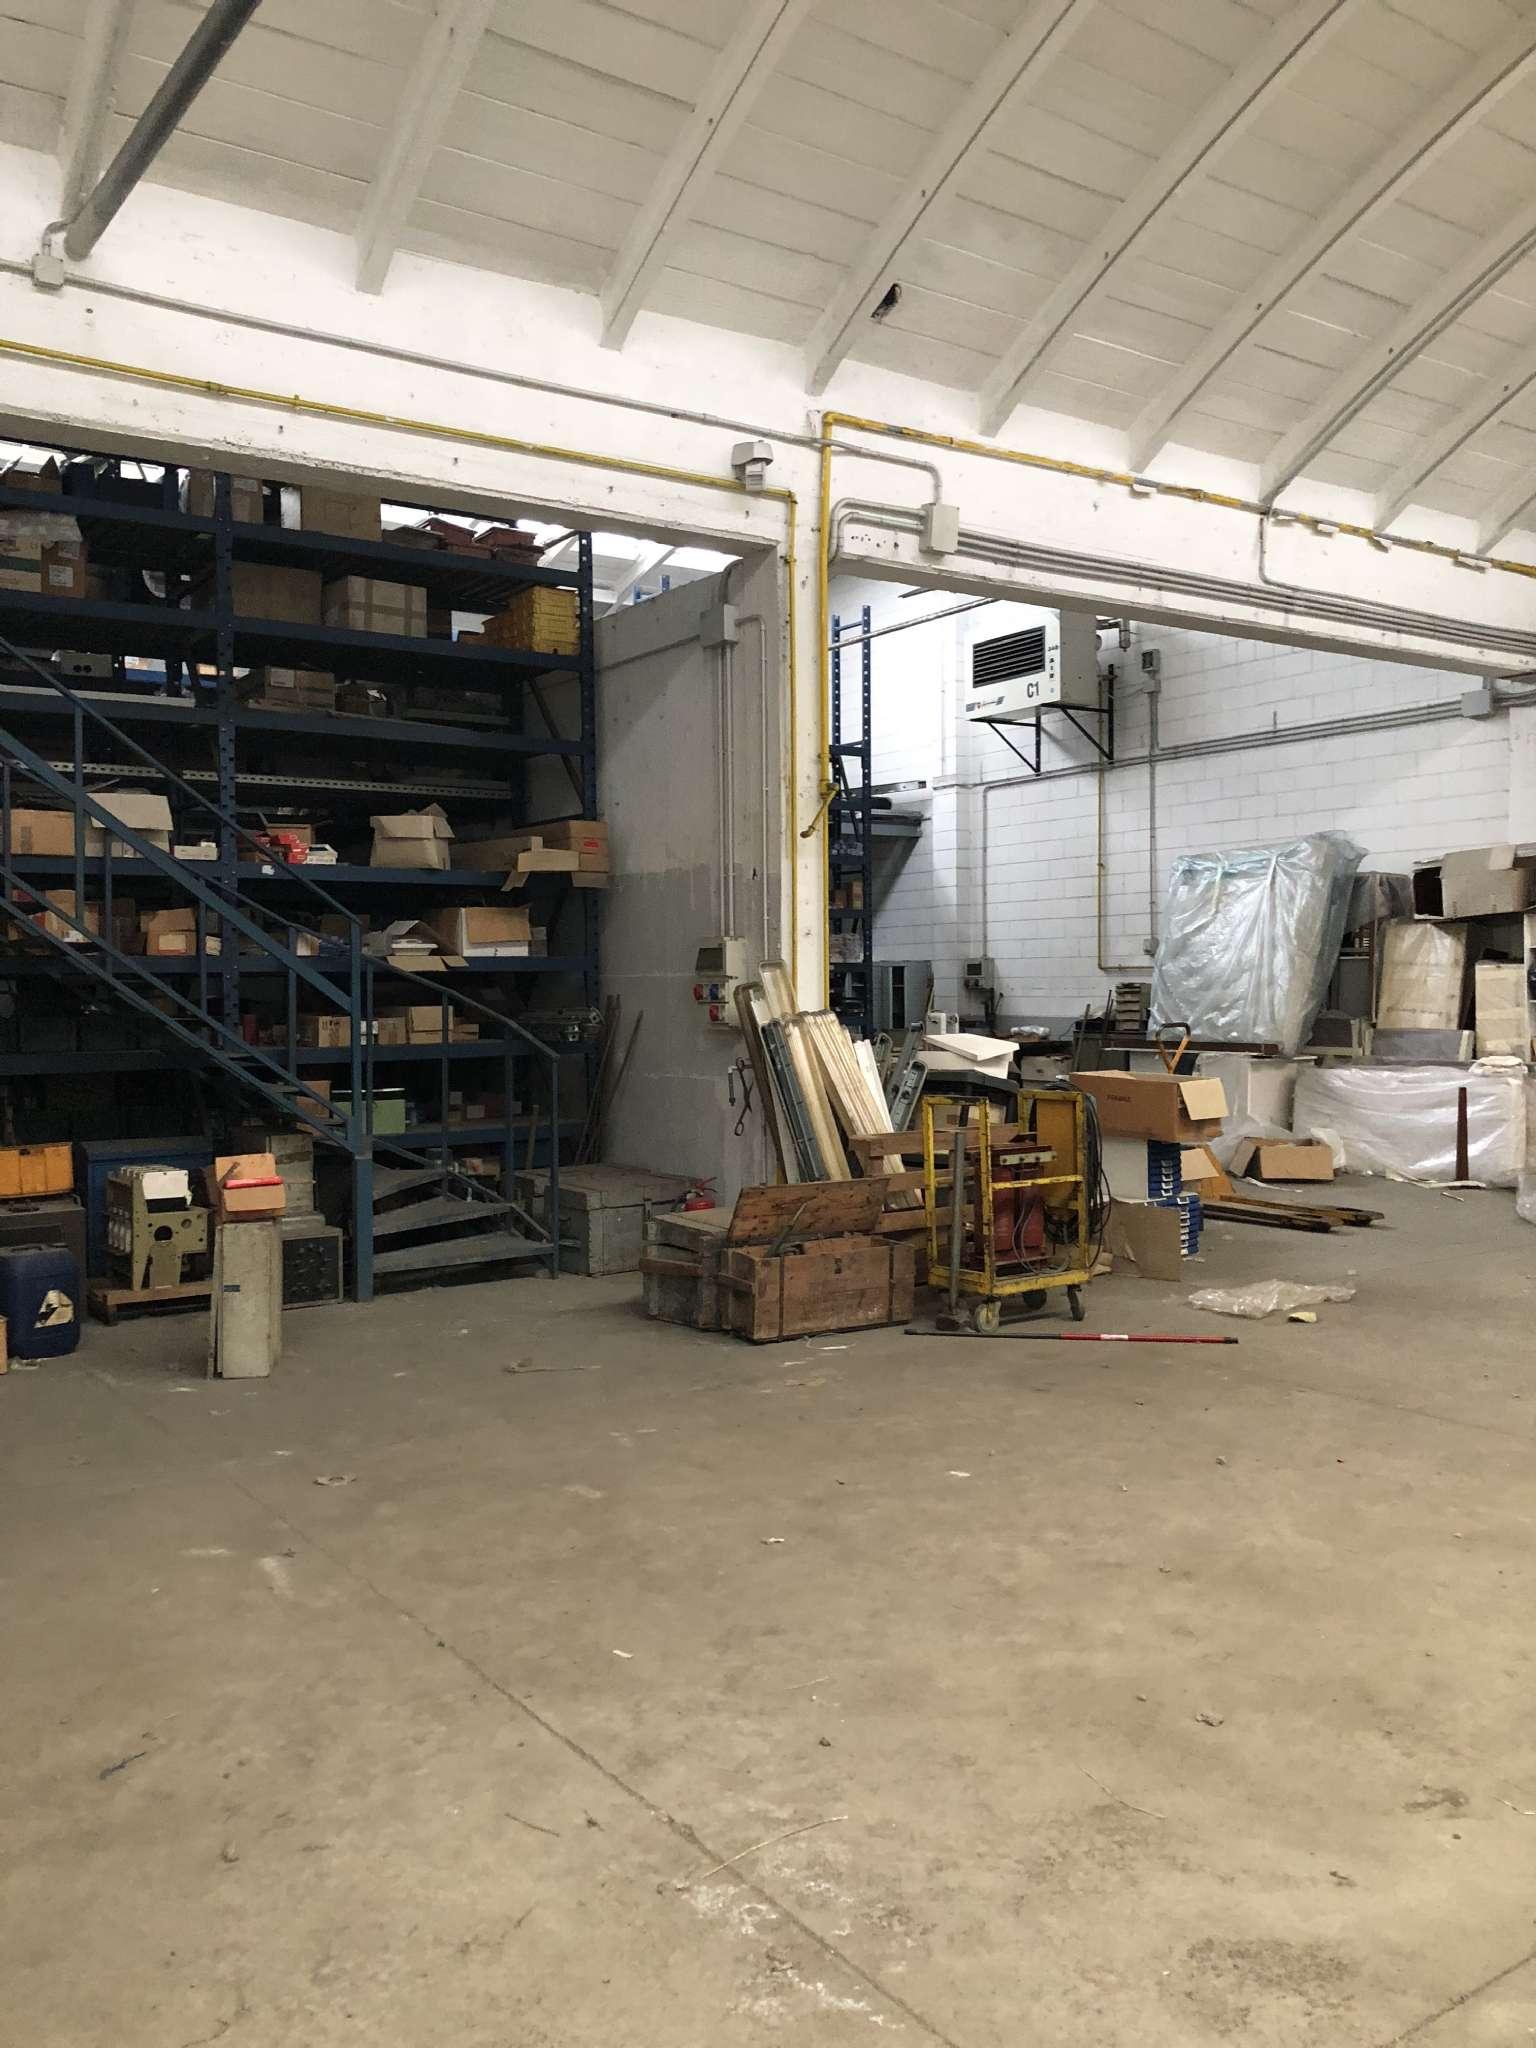 Laboratorio in vendita a Cornaredo, 9999 locali, prezzo € 220.000 | PortaleAgenzieImmobiliari.it